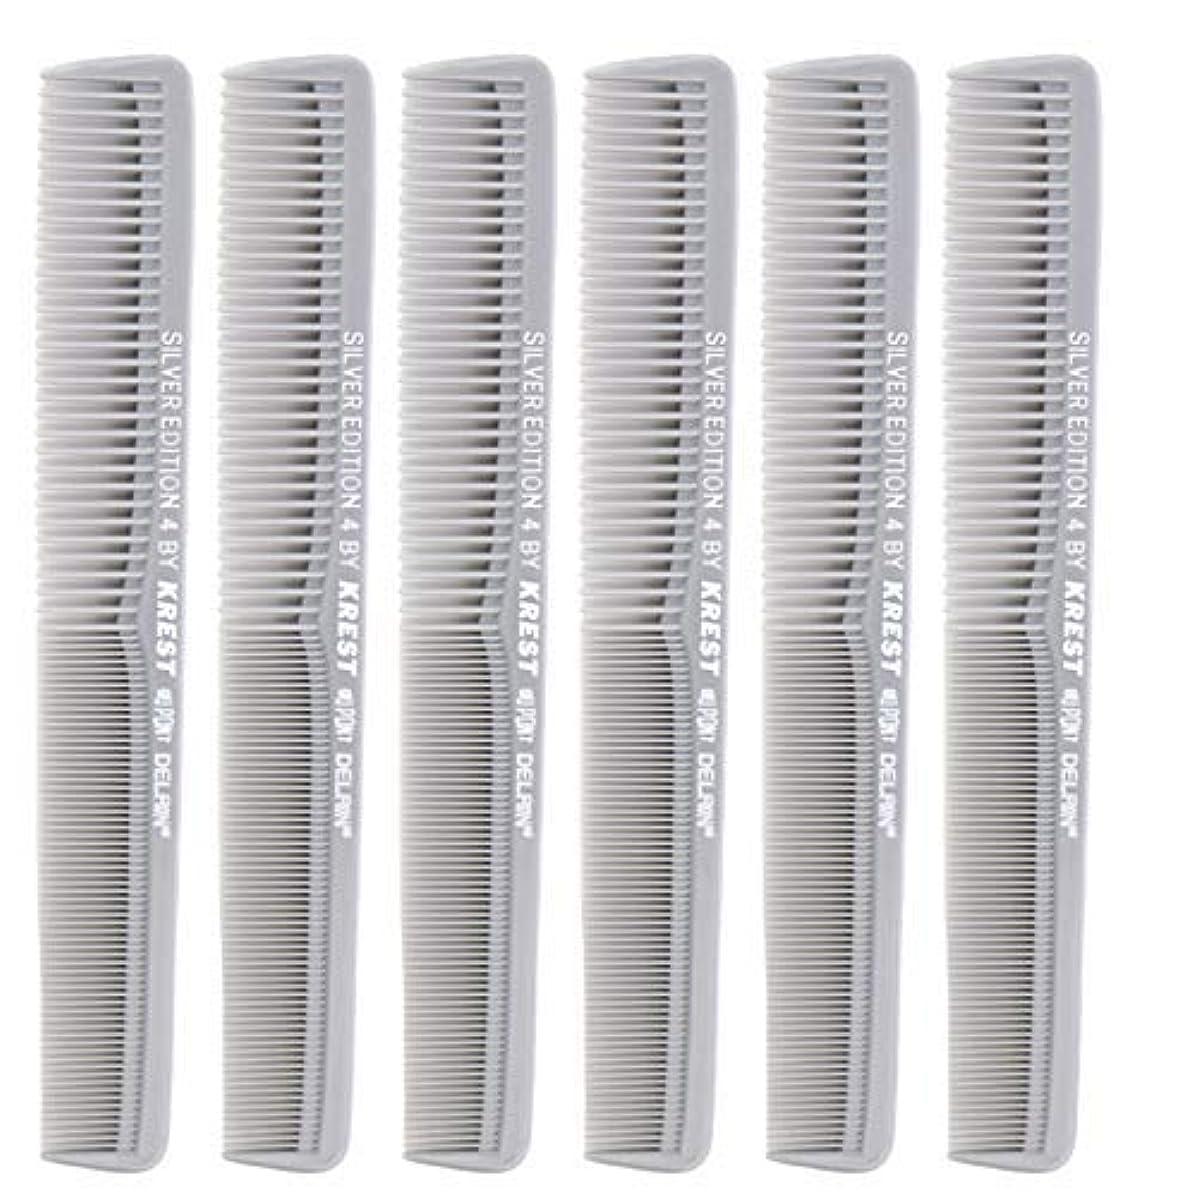 超音速アラバマ洪水7 In. Silver Edition Heat Resistant All Purpose Hair Comb Model #4 Krest Comb, [並行輸入品]